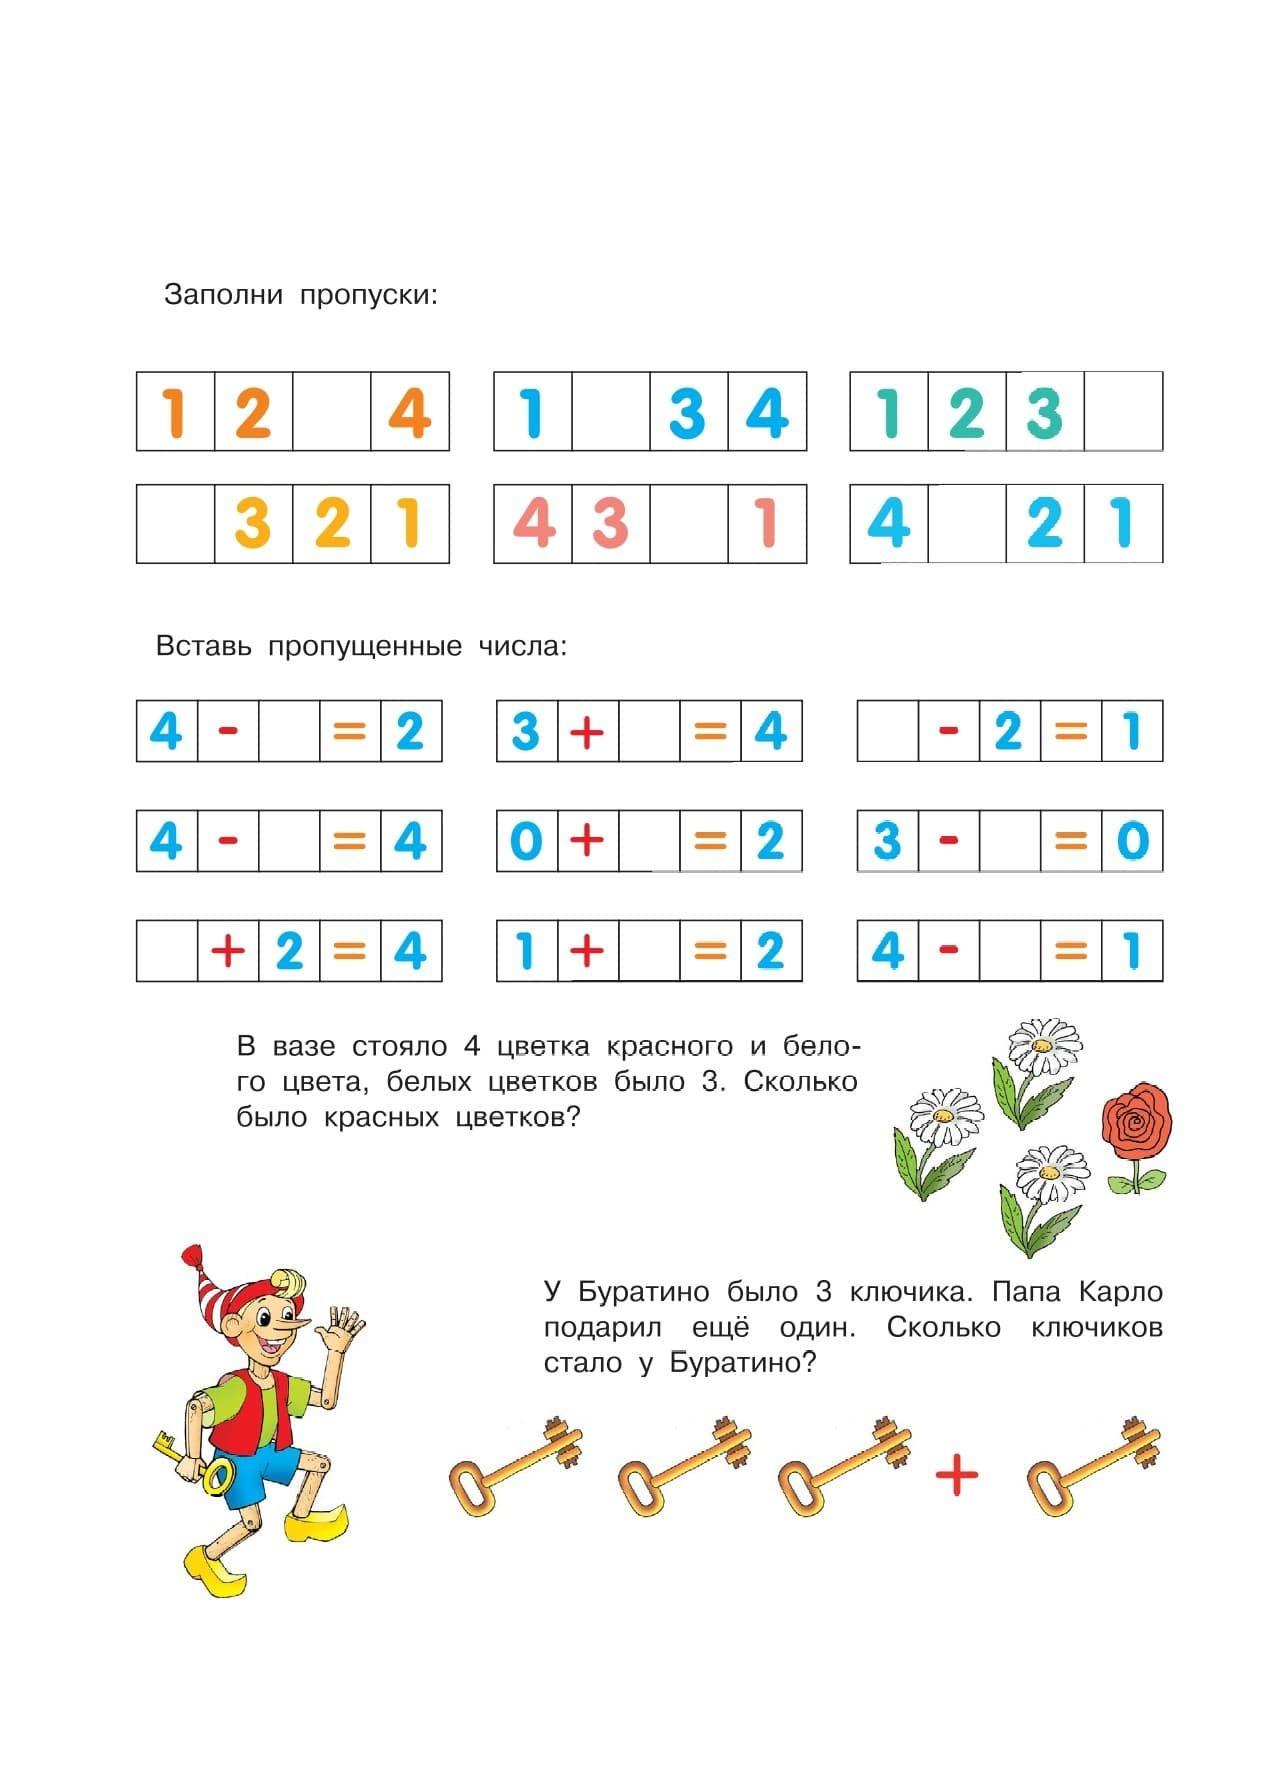 Zadaniya Dlya Podgotovki Detej K Shkole Analogij Net Words Word Search Map